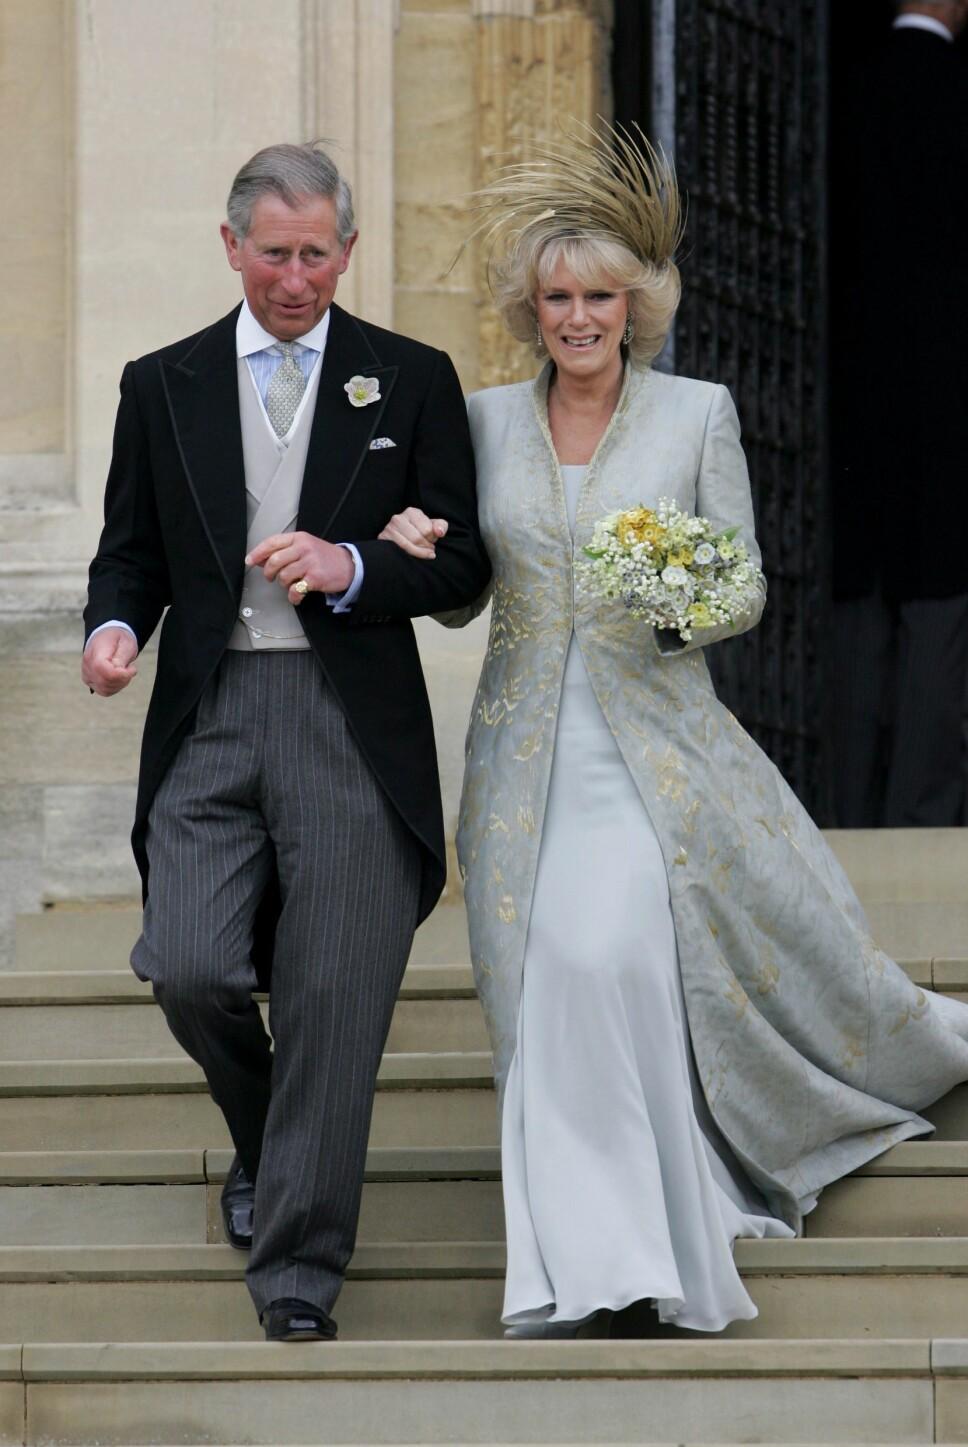 DEN RETTE: Prins Charles og Camilla har kjent hverandre i mange år, og var til og med ungdoms- kjærester. Til tross for ekteskap på hver sin kant, har de aldri glemt hverandre og i 2005 giftet de seg.